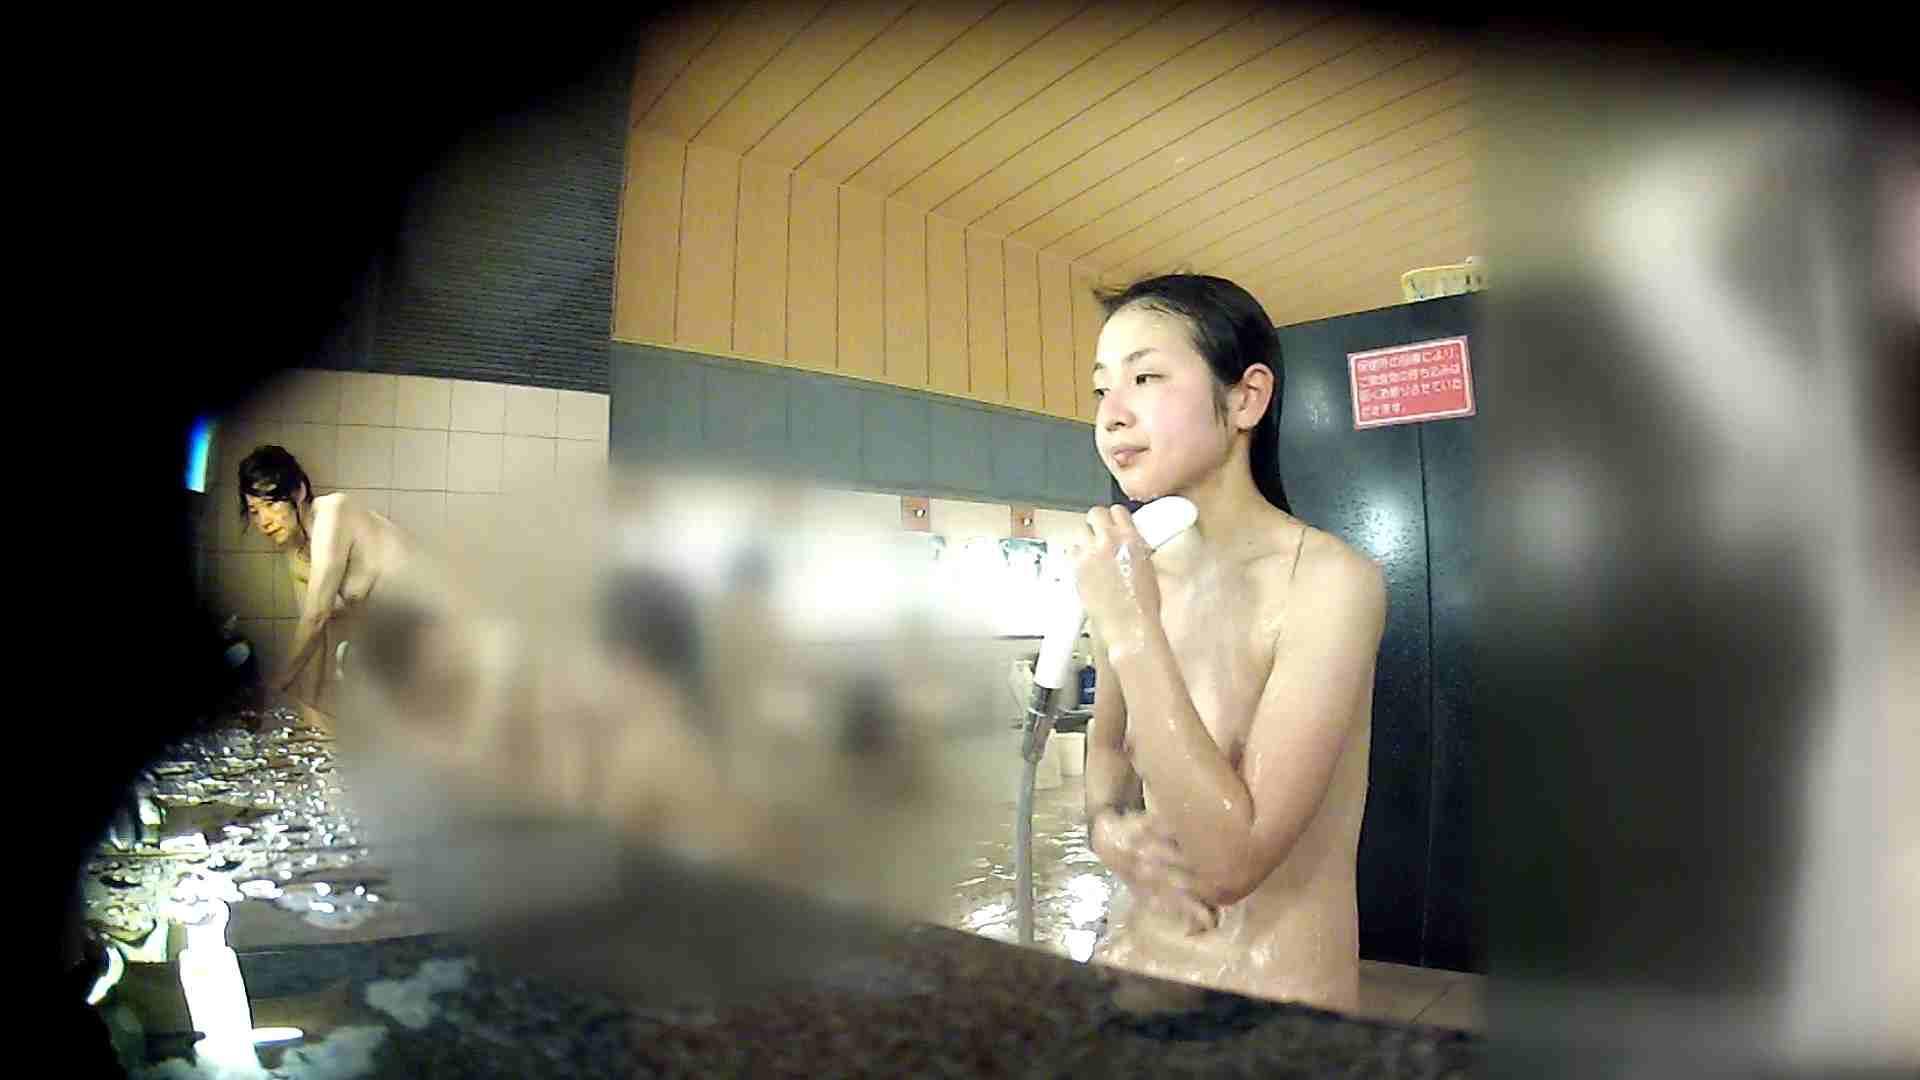 潜入女盗撮師のスーパー銭湯 Vol.01 OLのボディ   潜入  105PIX 17